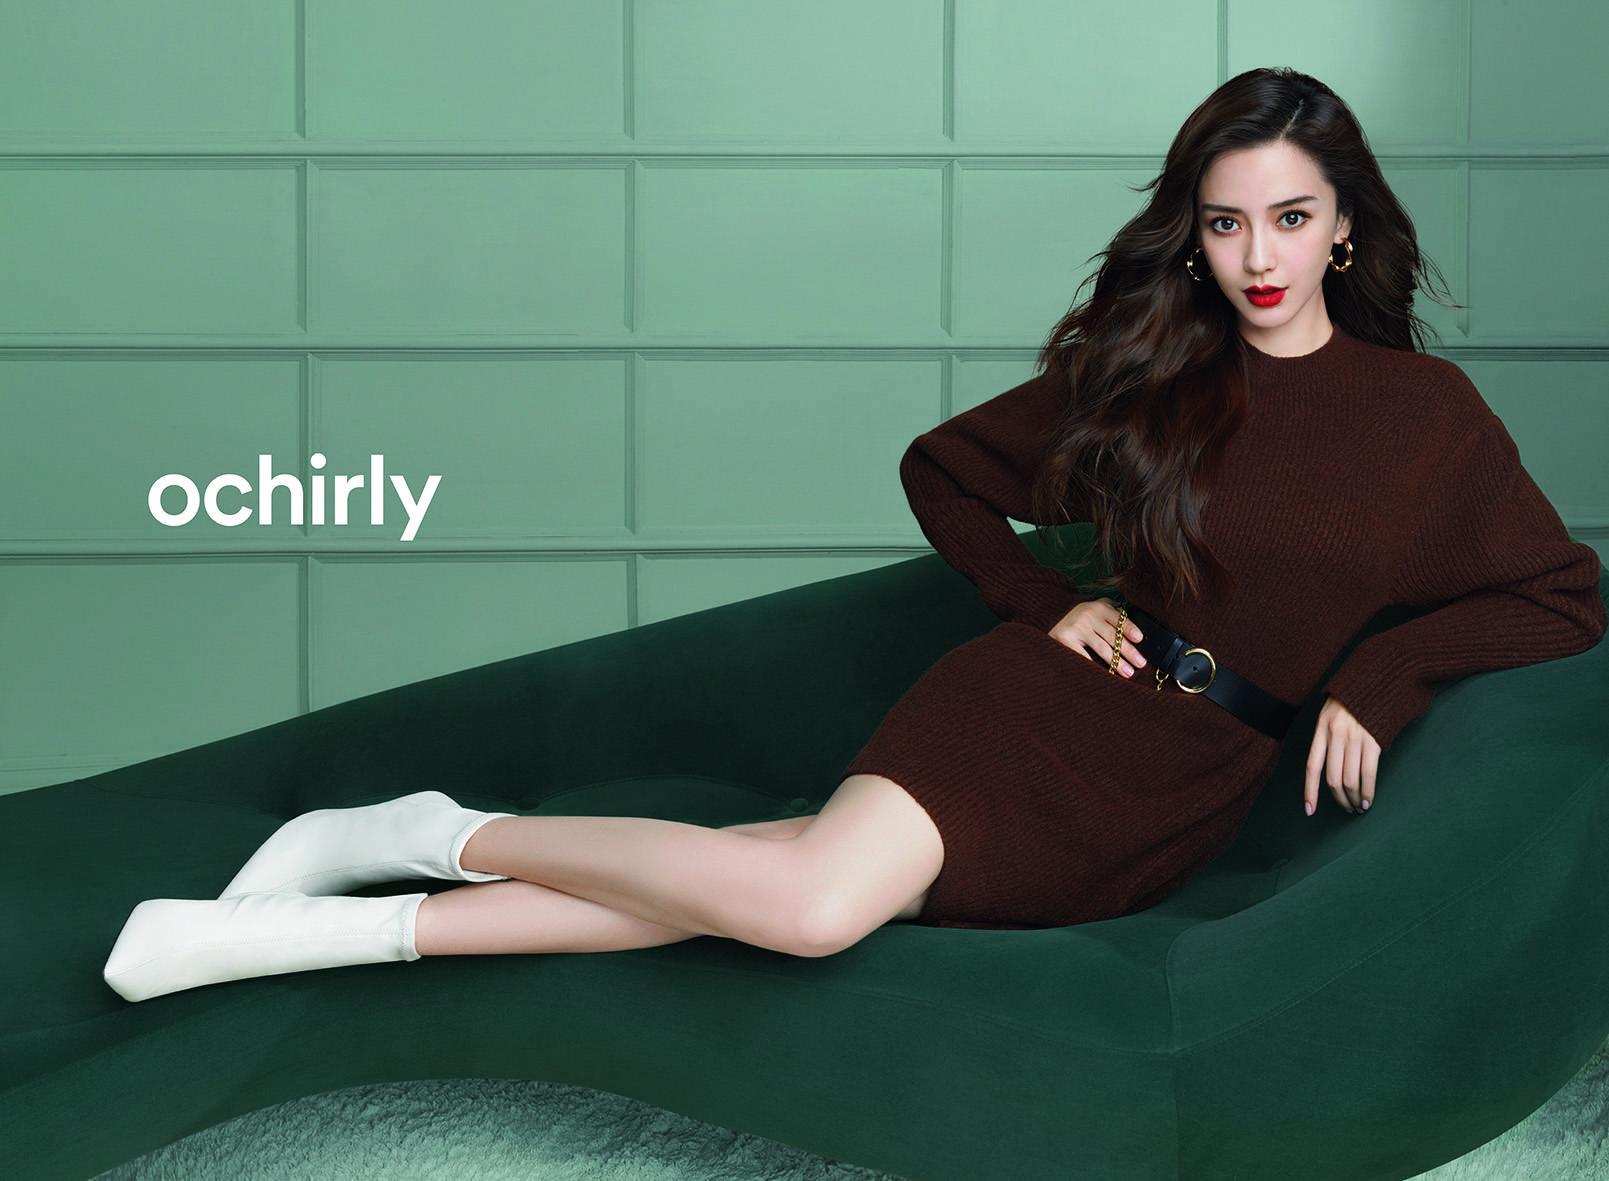 欧时力ochirly官宣Angelababy成为品牌代言人,行走的时髦教科书终于出来营业了